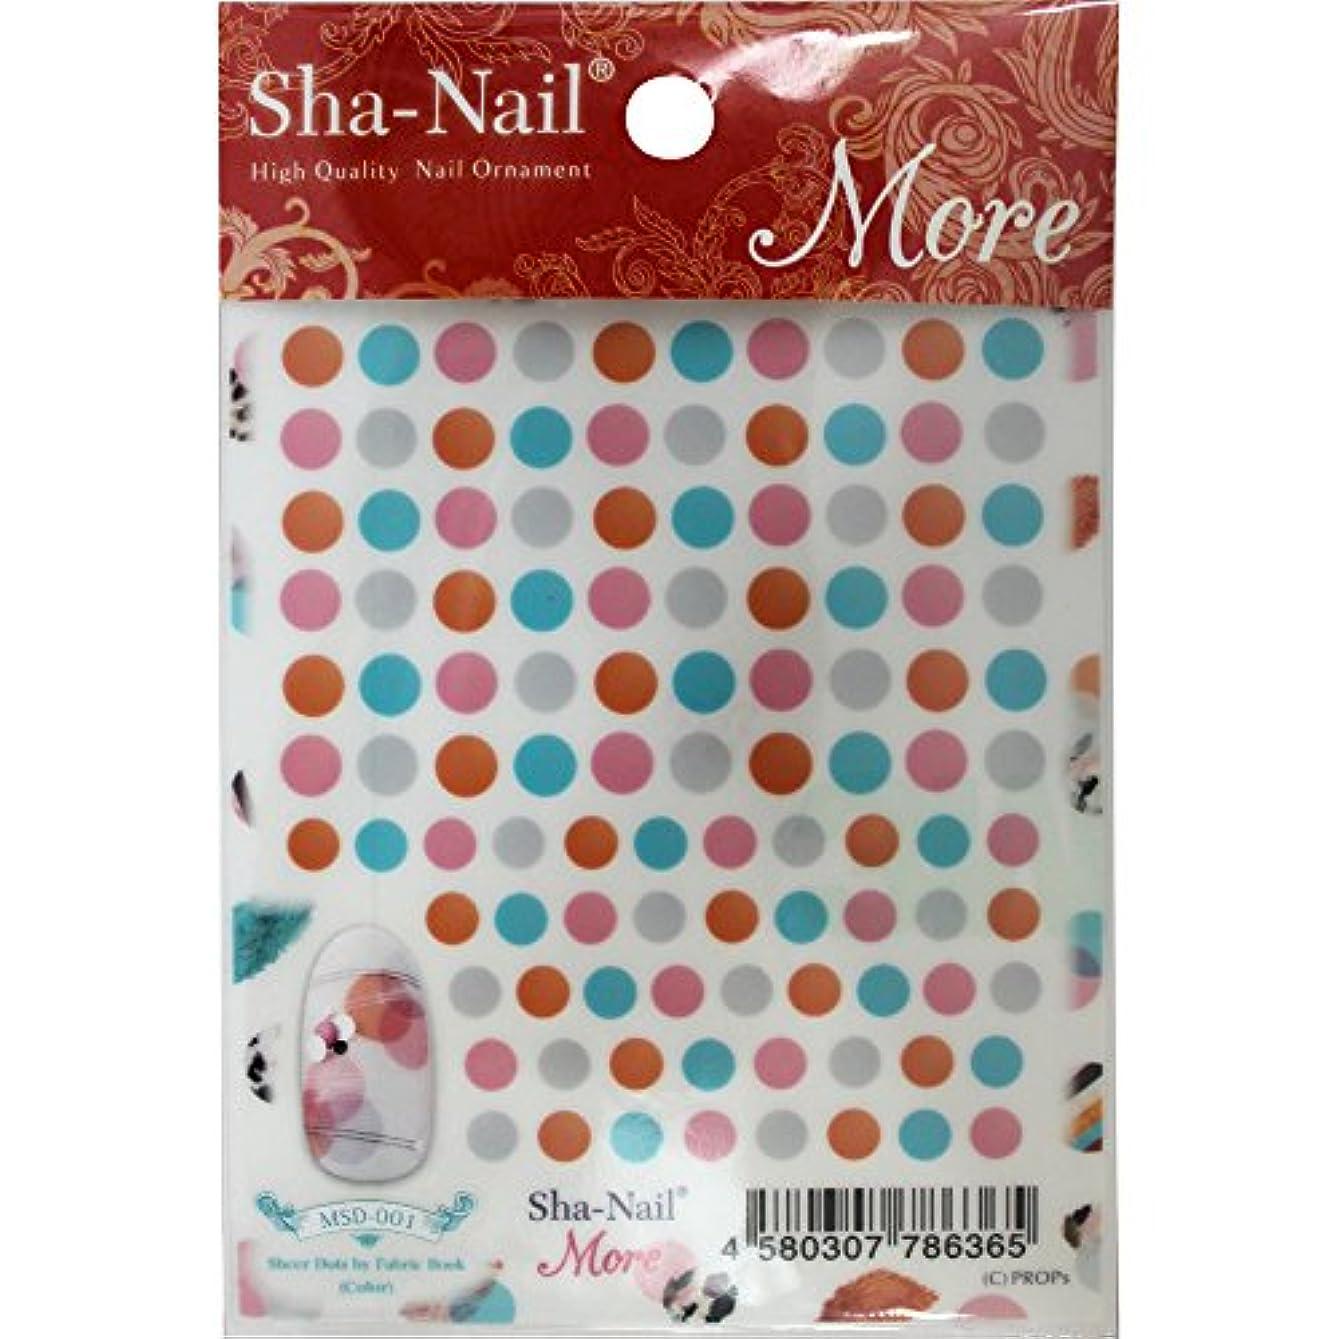 もう一度真似る効能Sha-Nail More ネイルシール シアードット(カラー) MSD-001 アート材